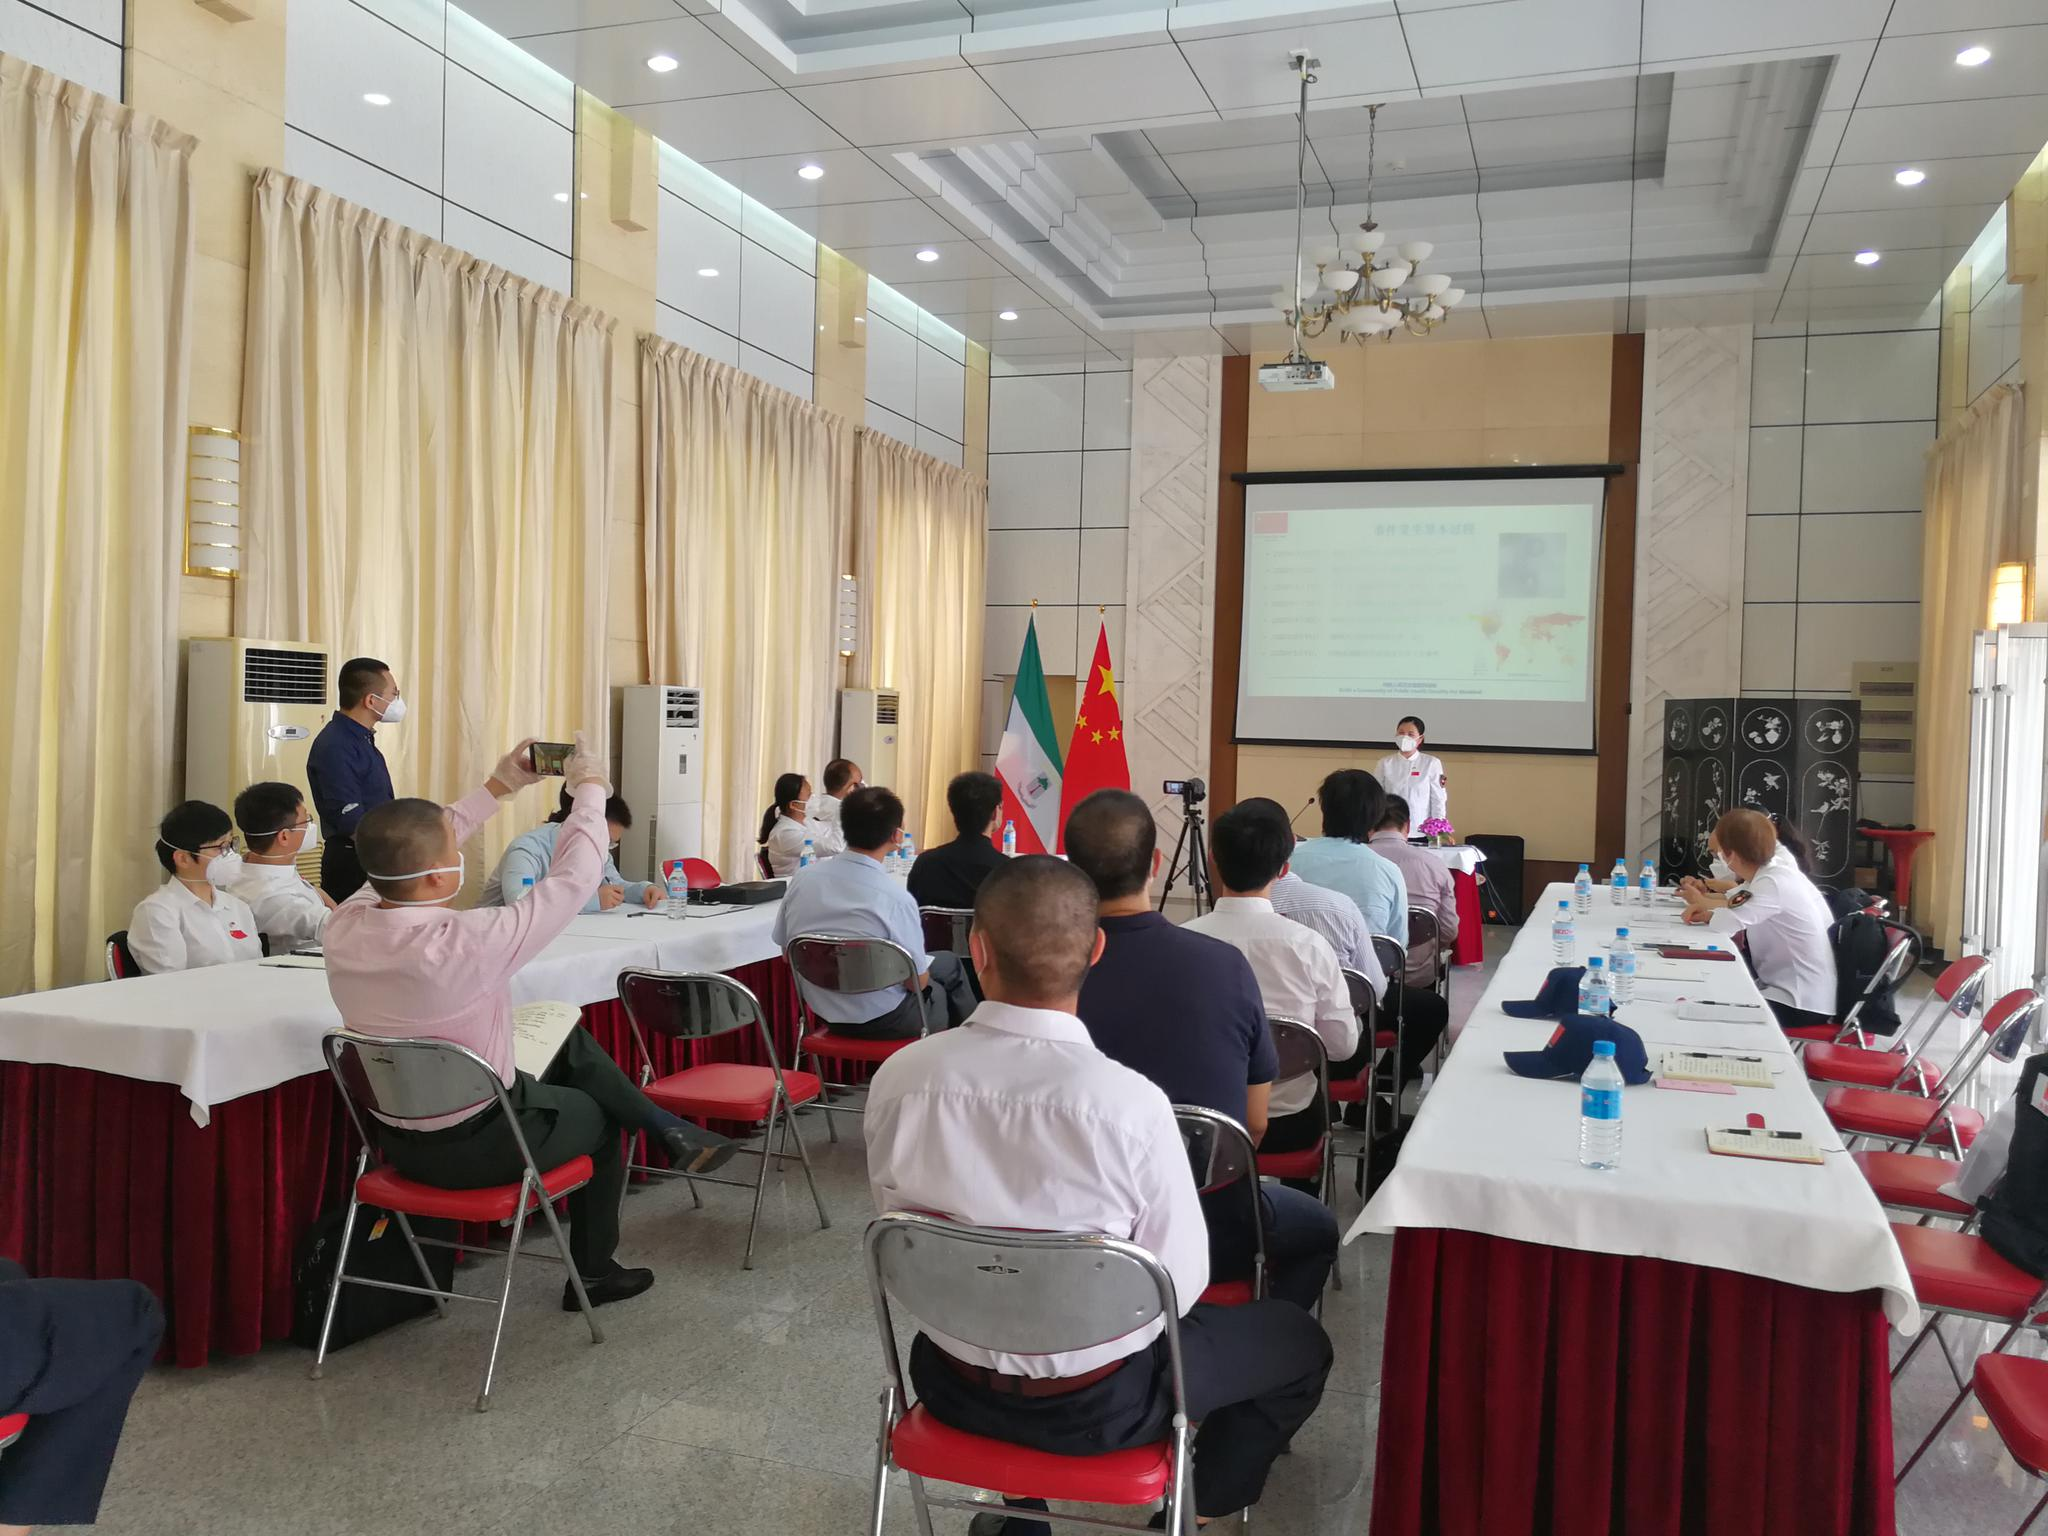 中国医疗专家组为中国使领馆和侨胞防疫培训